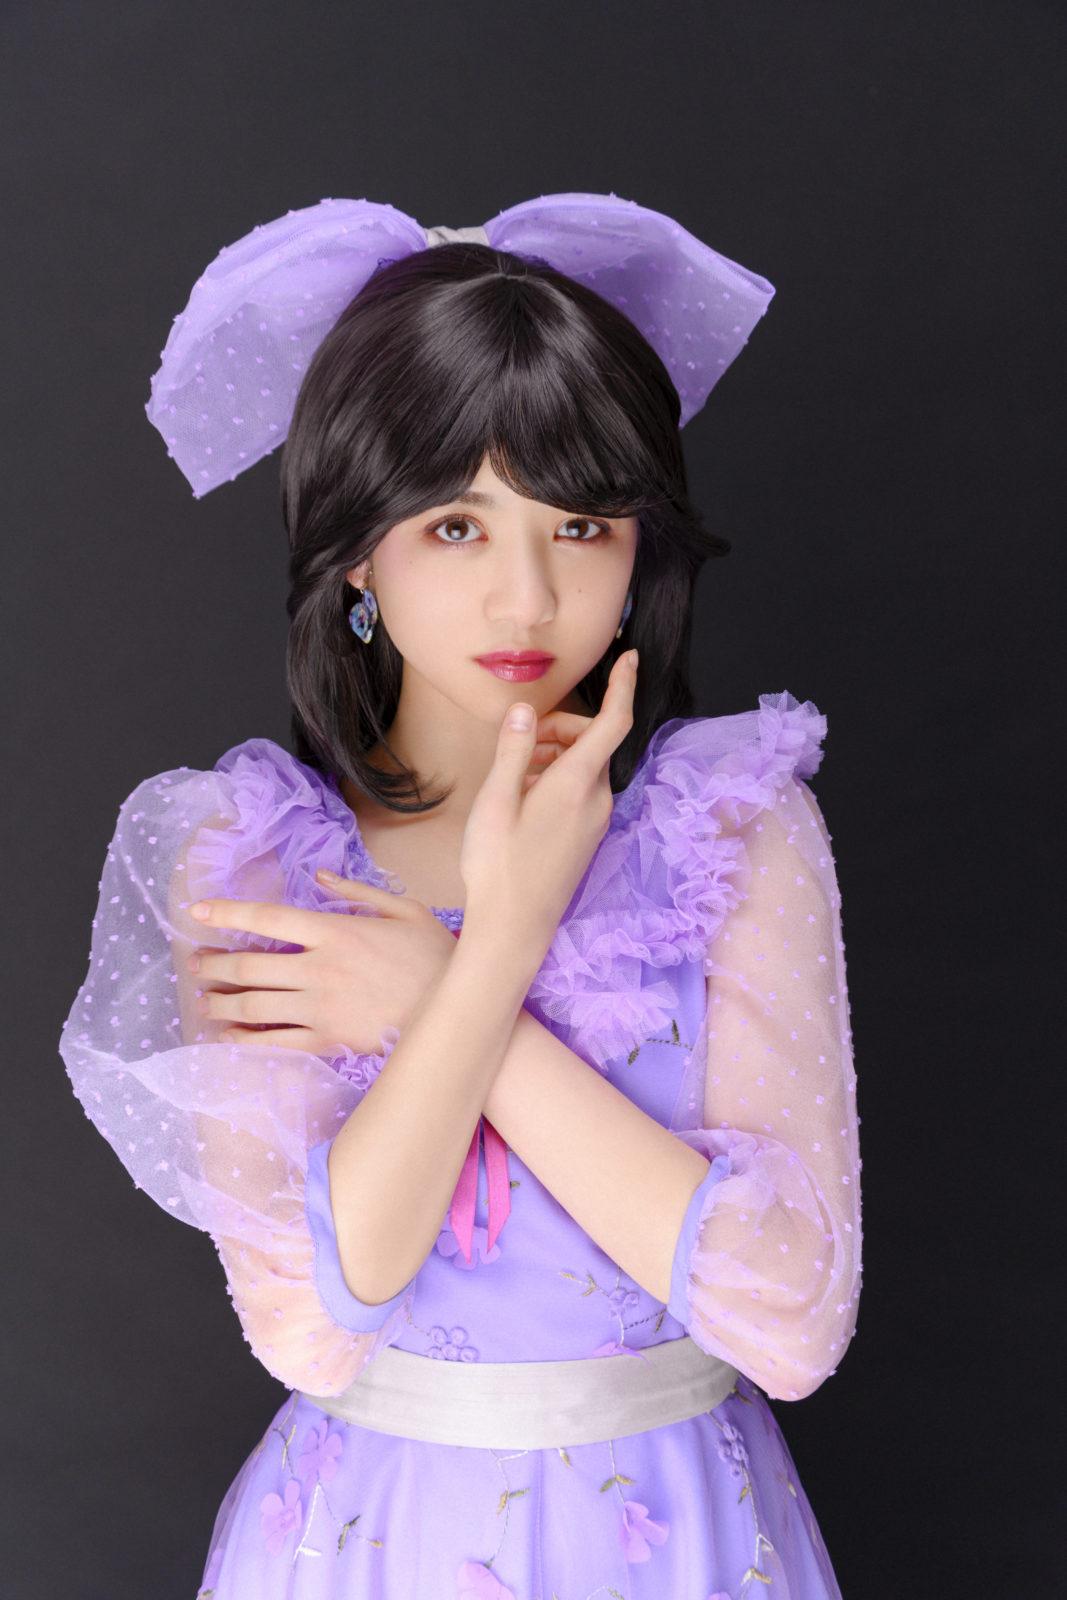 新井ひとみ、待望の3rdシングル「時には昔の話を」発売決定サムネイル画像